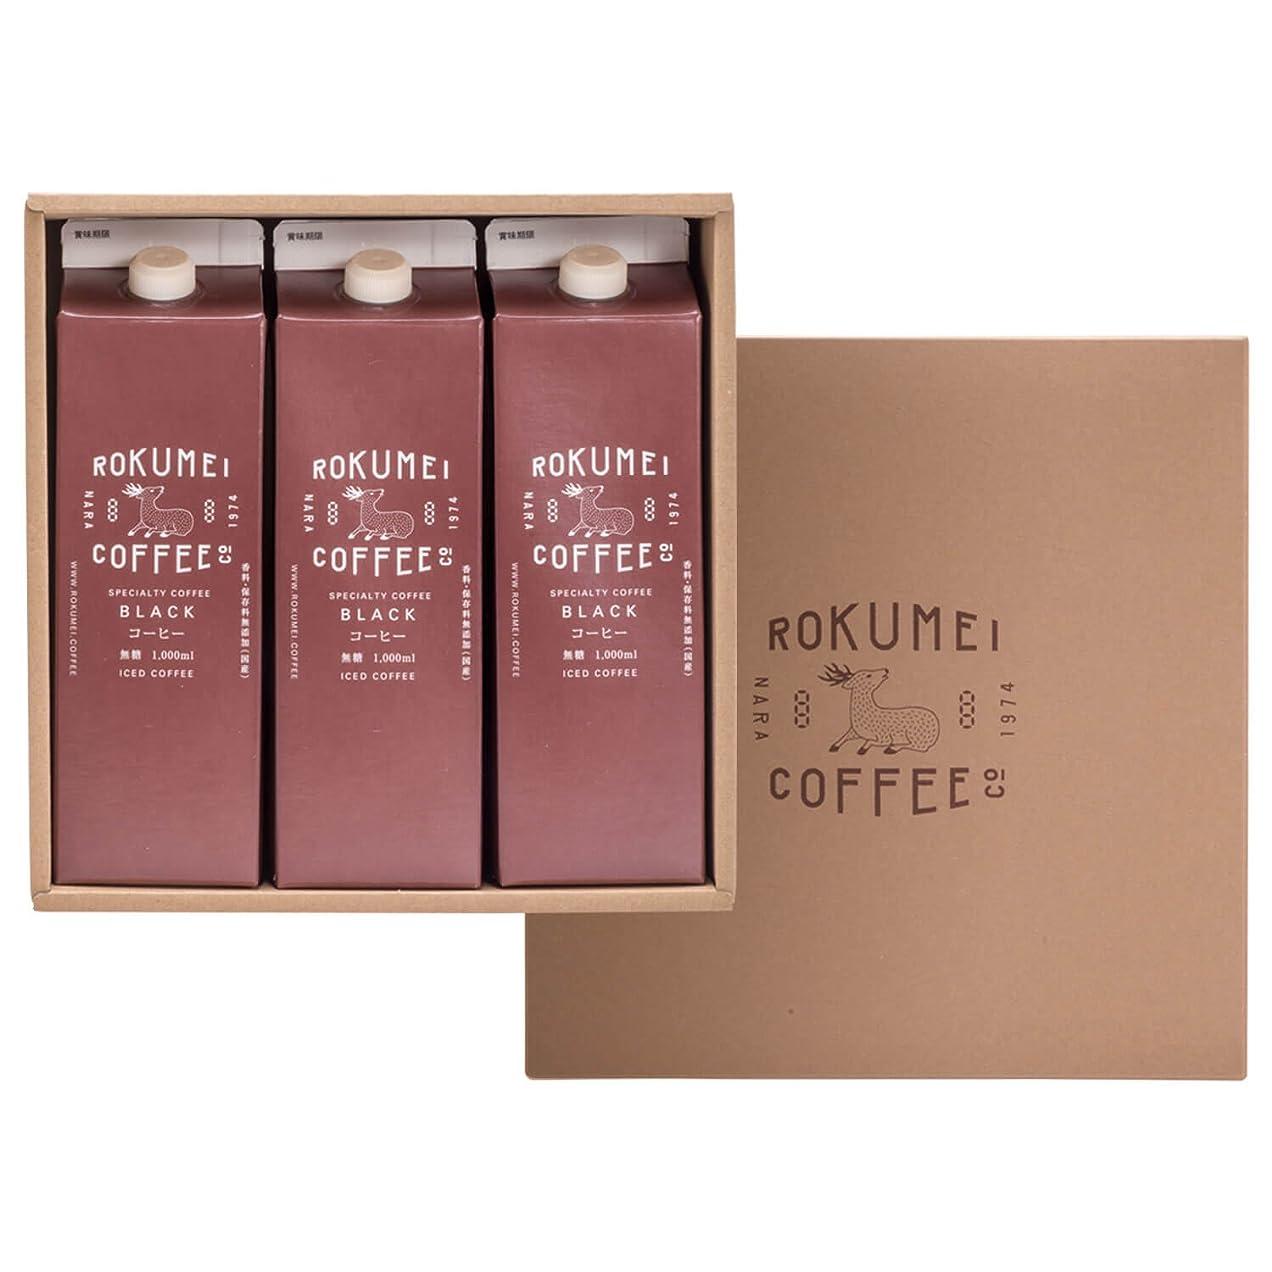 蒸し器文房具採用ロクメイコーヒー コーヒーギフト アイスコーヒー リキッド 無糖 3本 - プレゼント (のし無し)